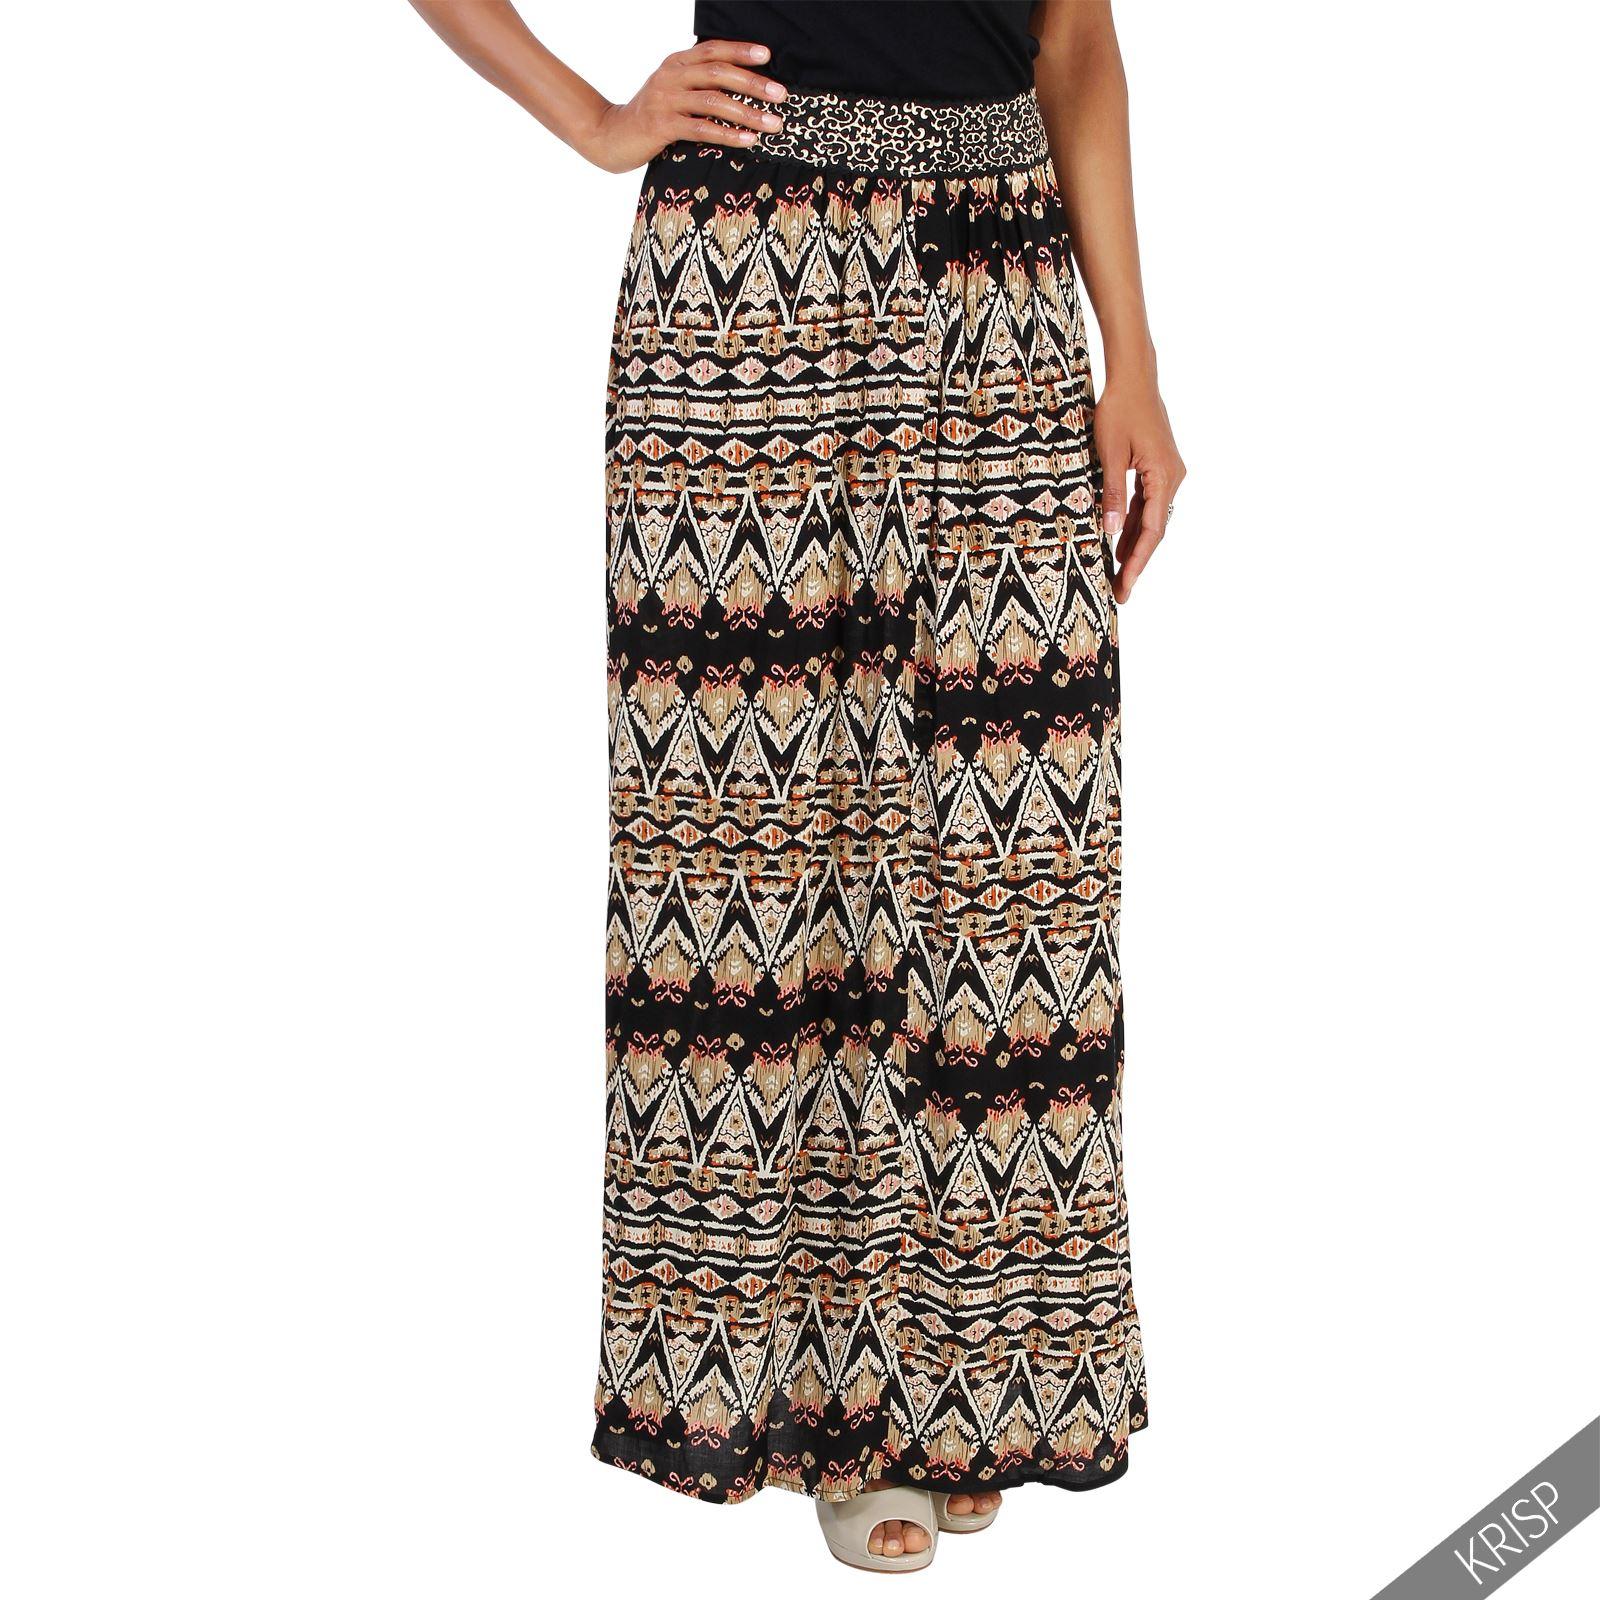 femme jupe longue imprim azt que taille elastique nouveau et ebay. Black Bedroom Furniture Sets. Home Design Ideas